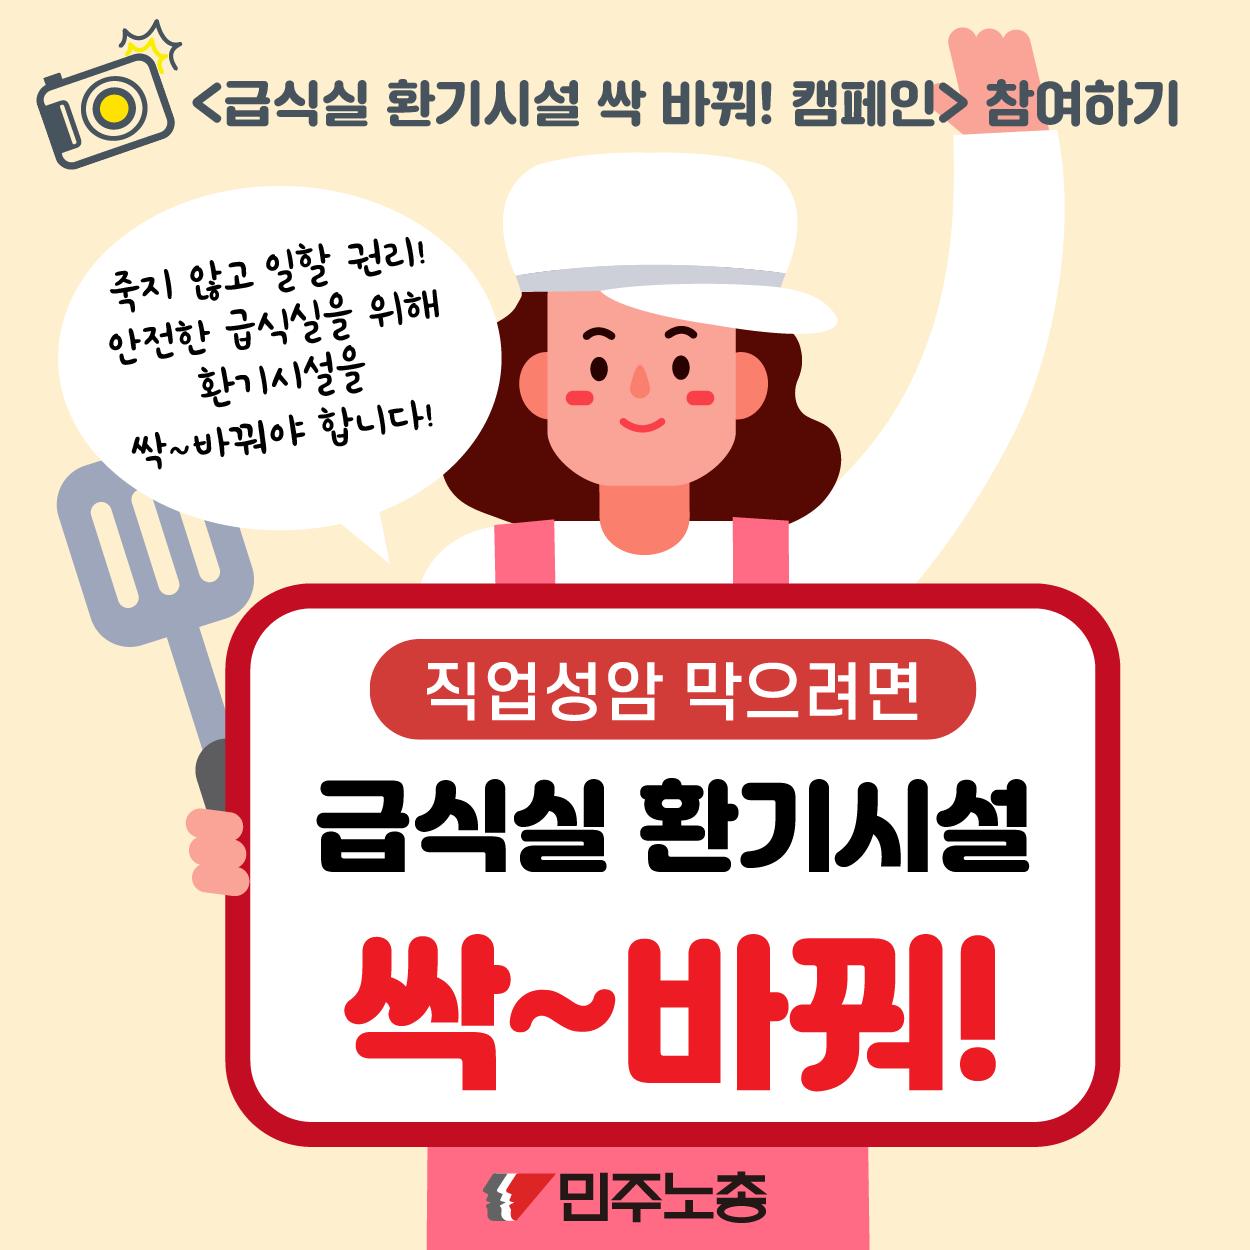 카드뉴스_급식실 환기시설 싹 바꿔_ (1).png